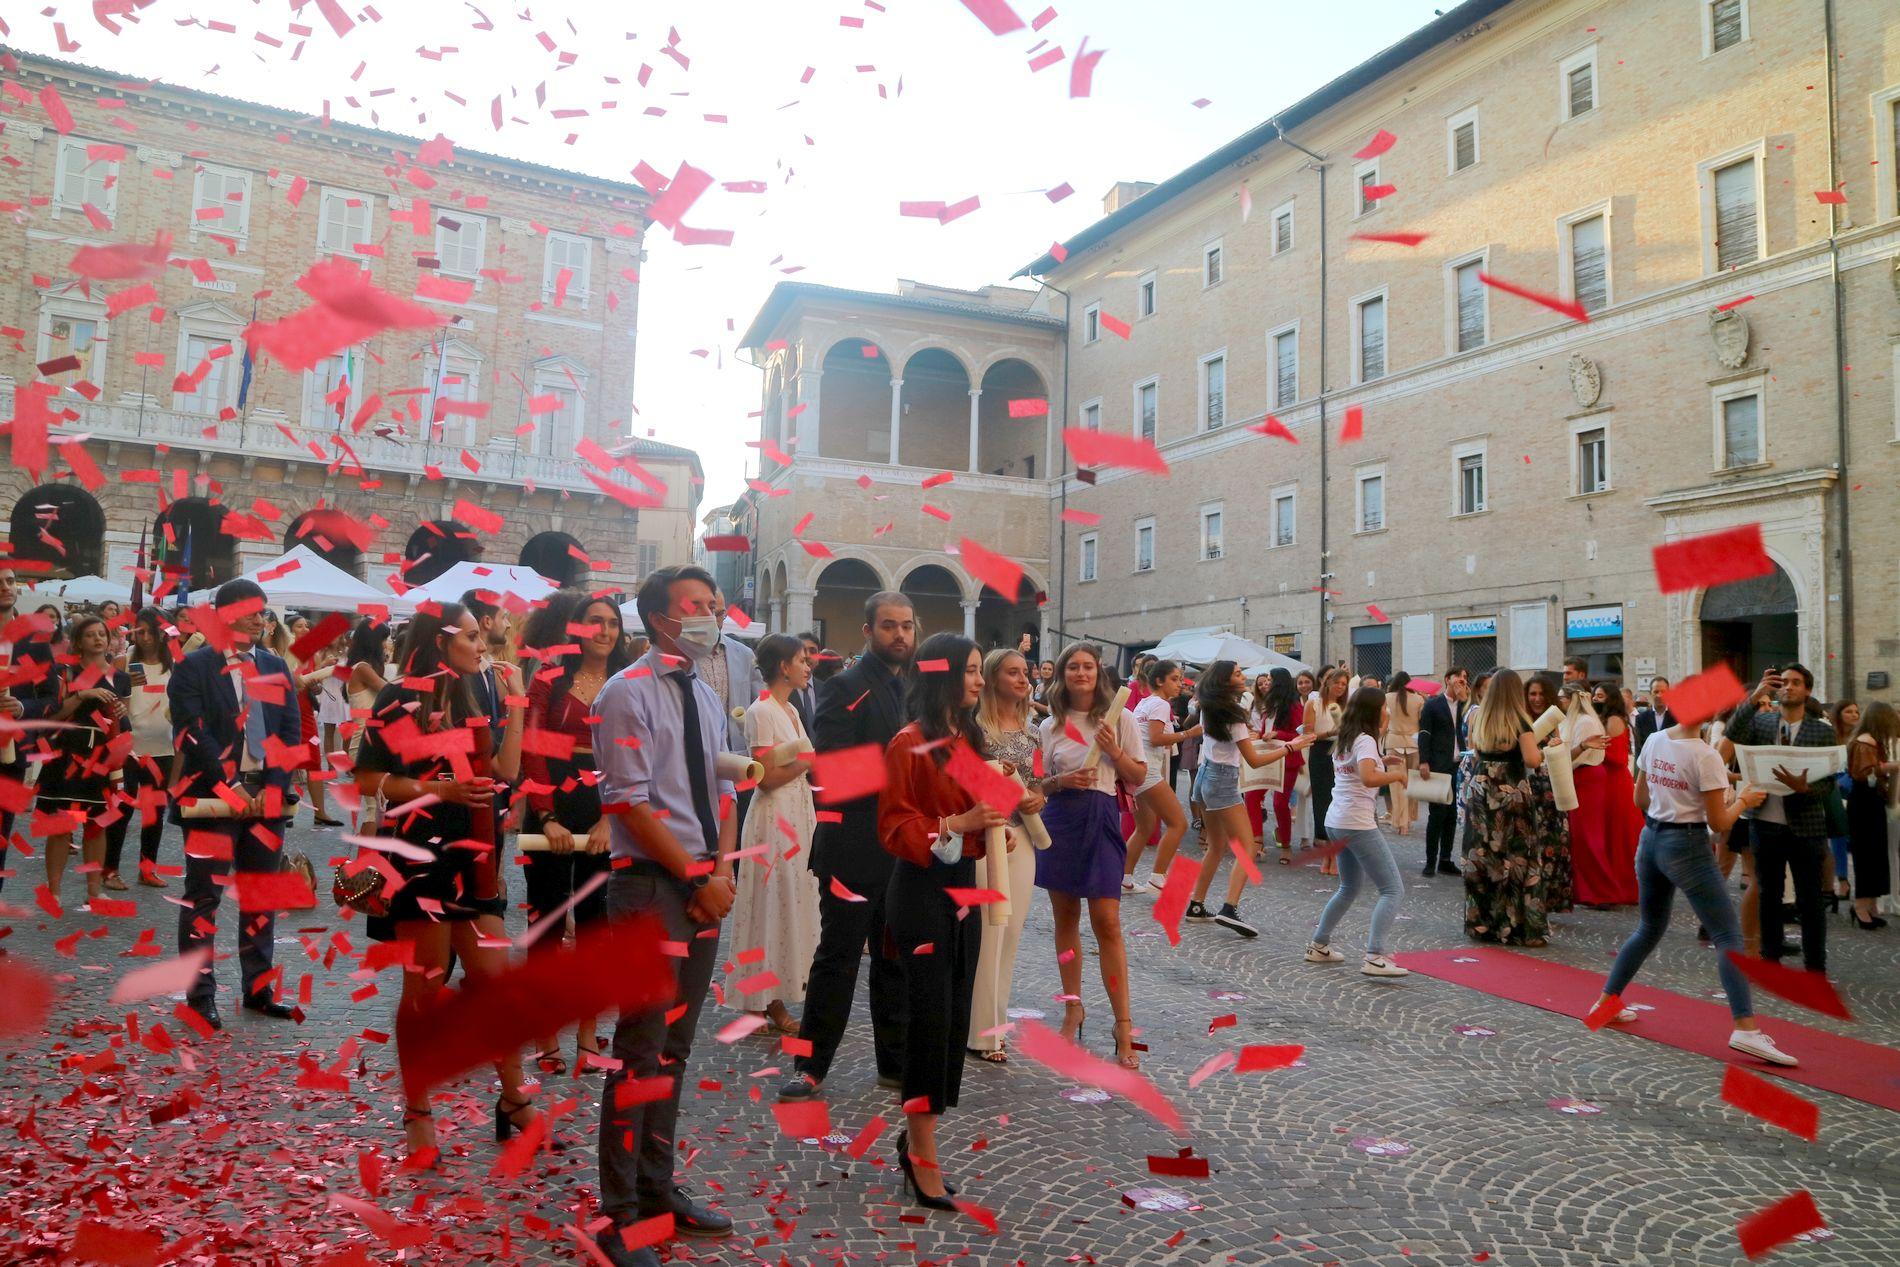 Graduation Day Unimc, festa in piazza con i laureati a distanza